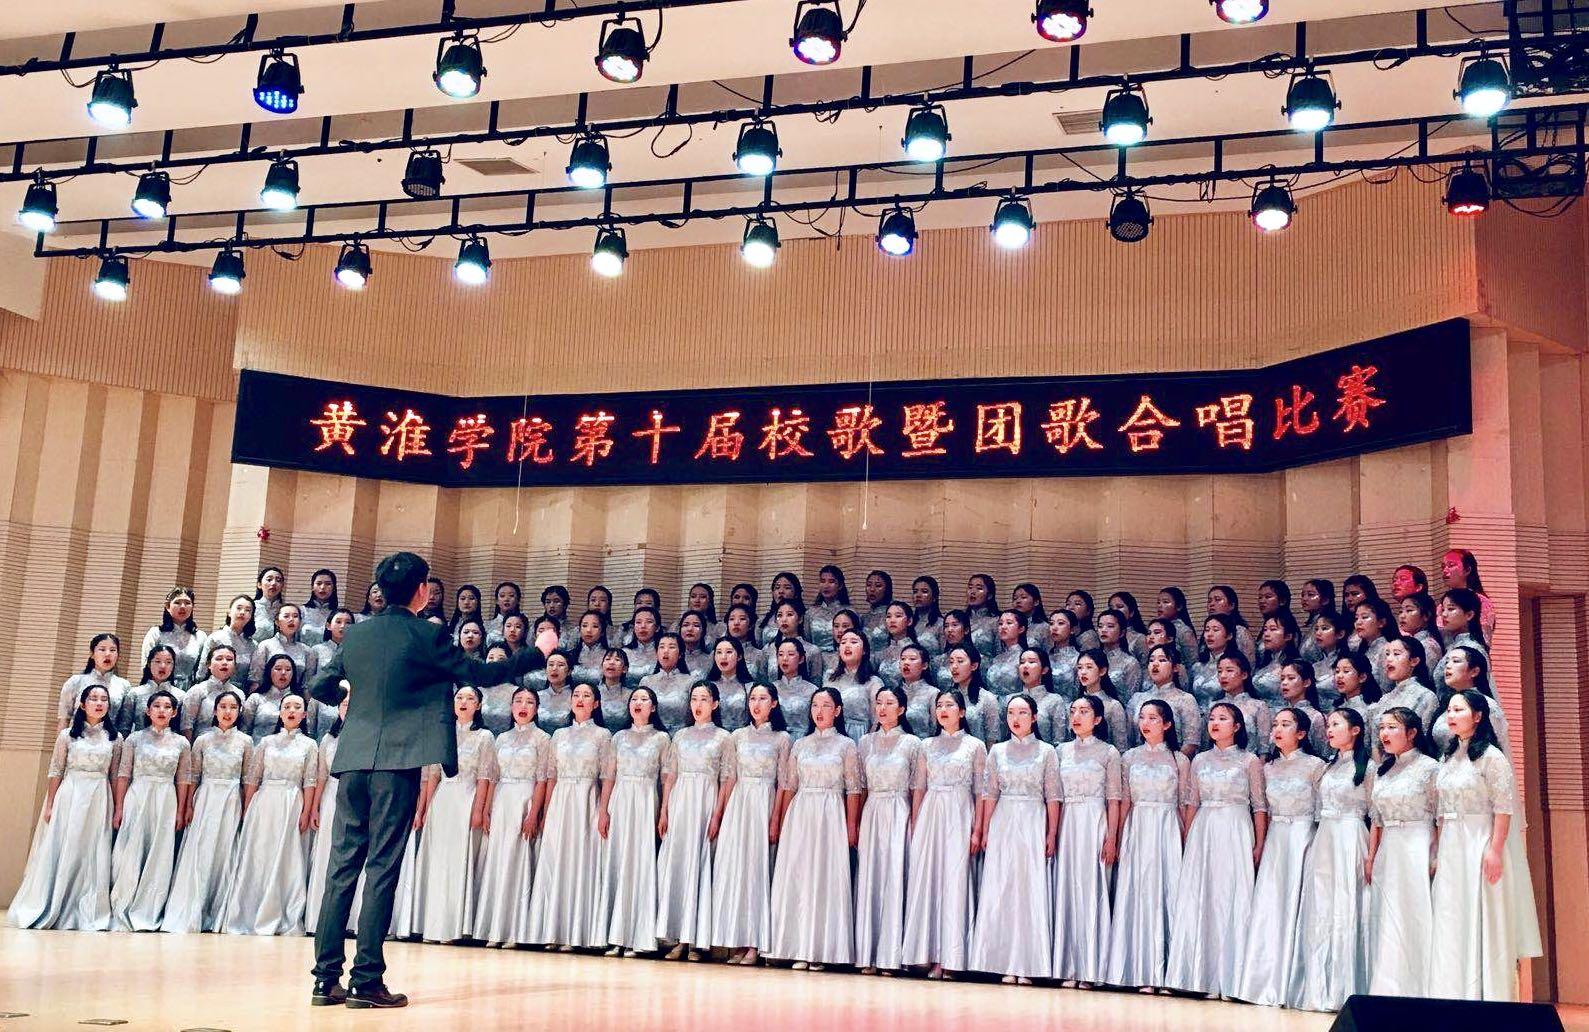 我院在黄淮学院第十届校歌暨团歌大赛中获奖